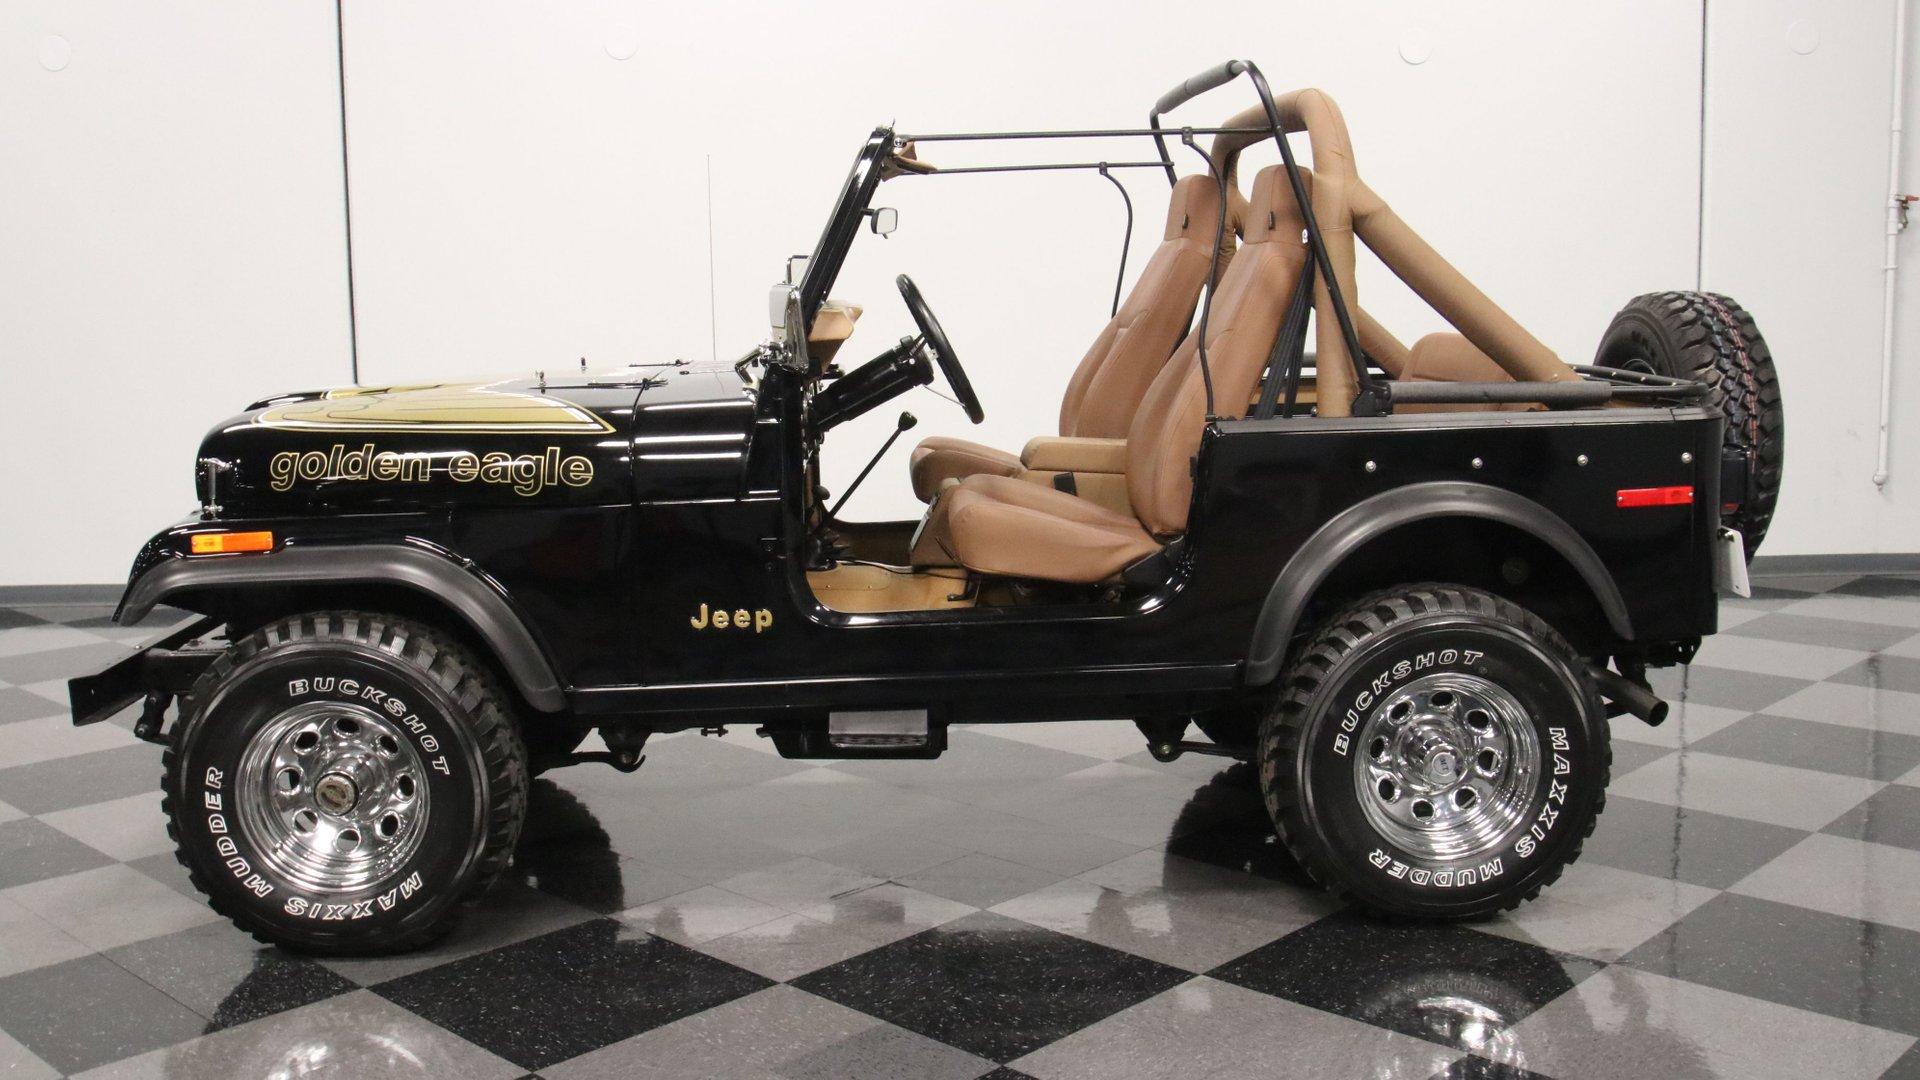 1977 jeep cj7 golden eagle tribute